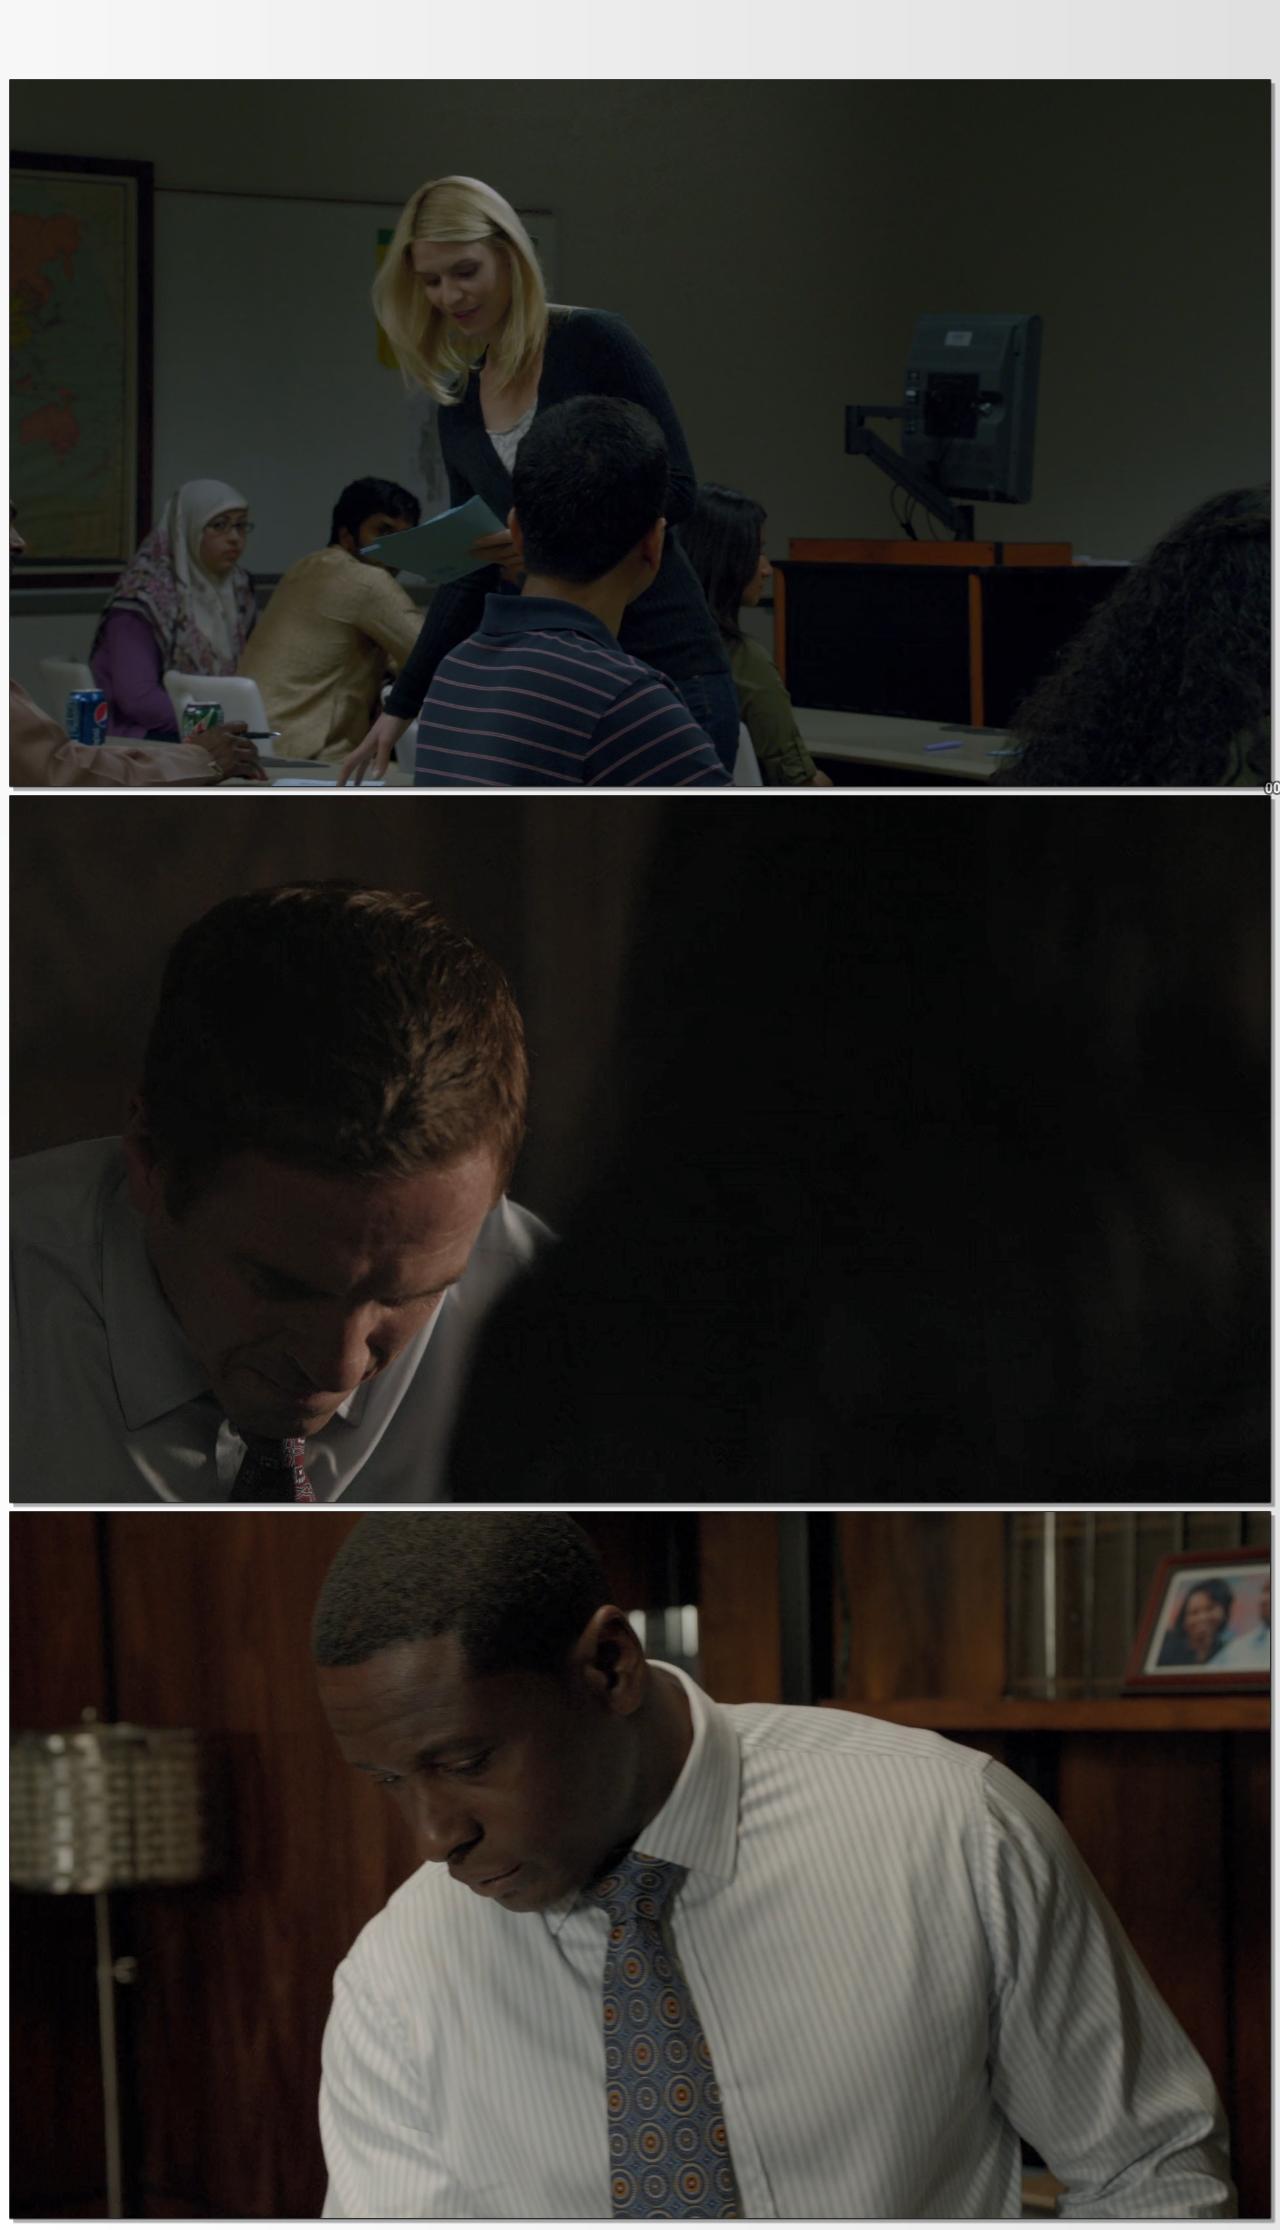 Tổ Quốc Phần 02 - Homeland S02 2012 1080p NF WEB-DL DDP5.1 x264 screenshots